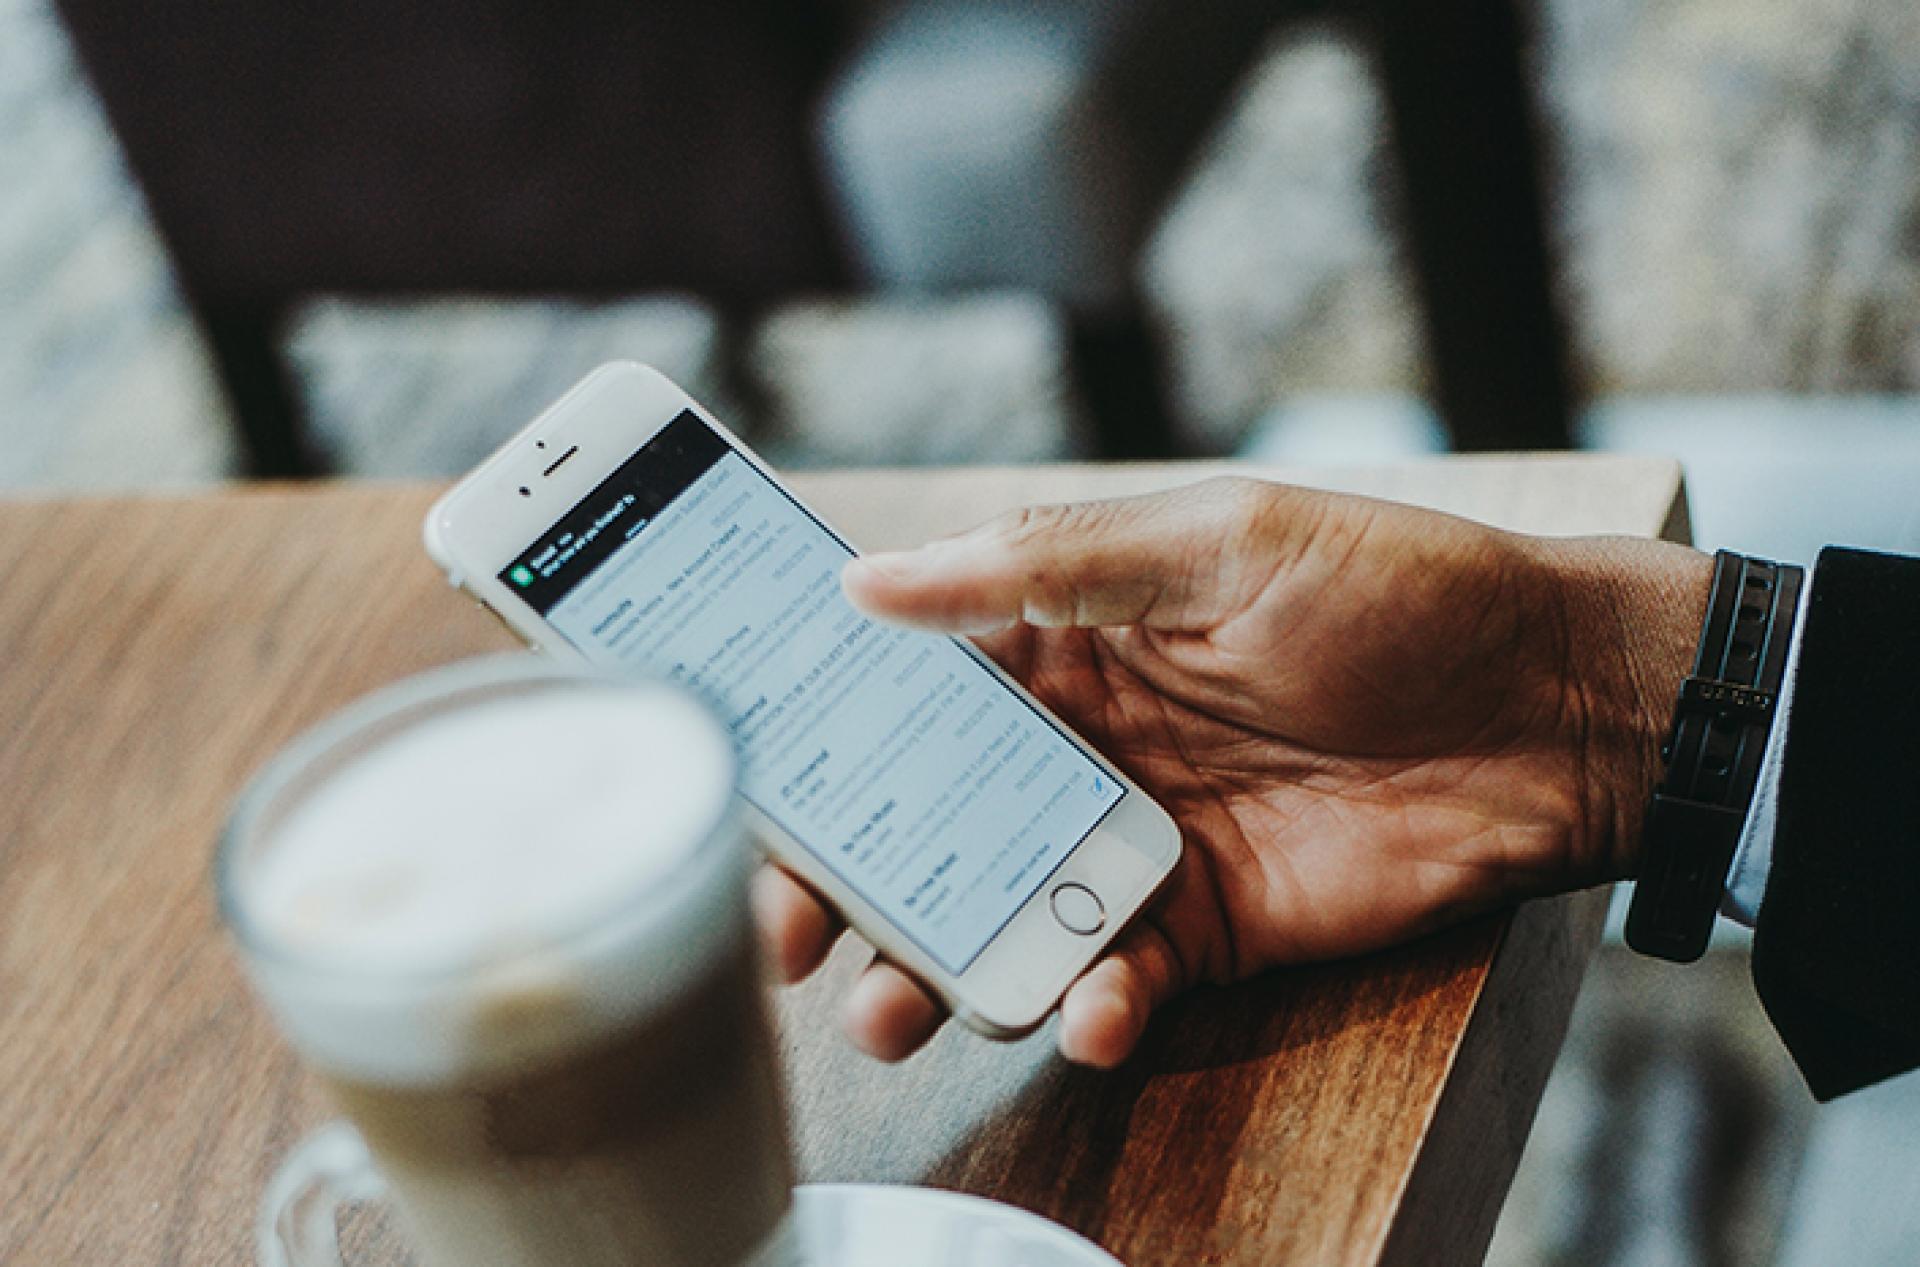 E-mail transacional: por que as empresas deveriam investir nele